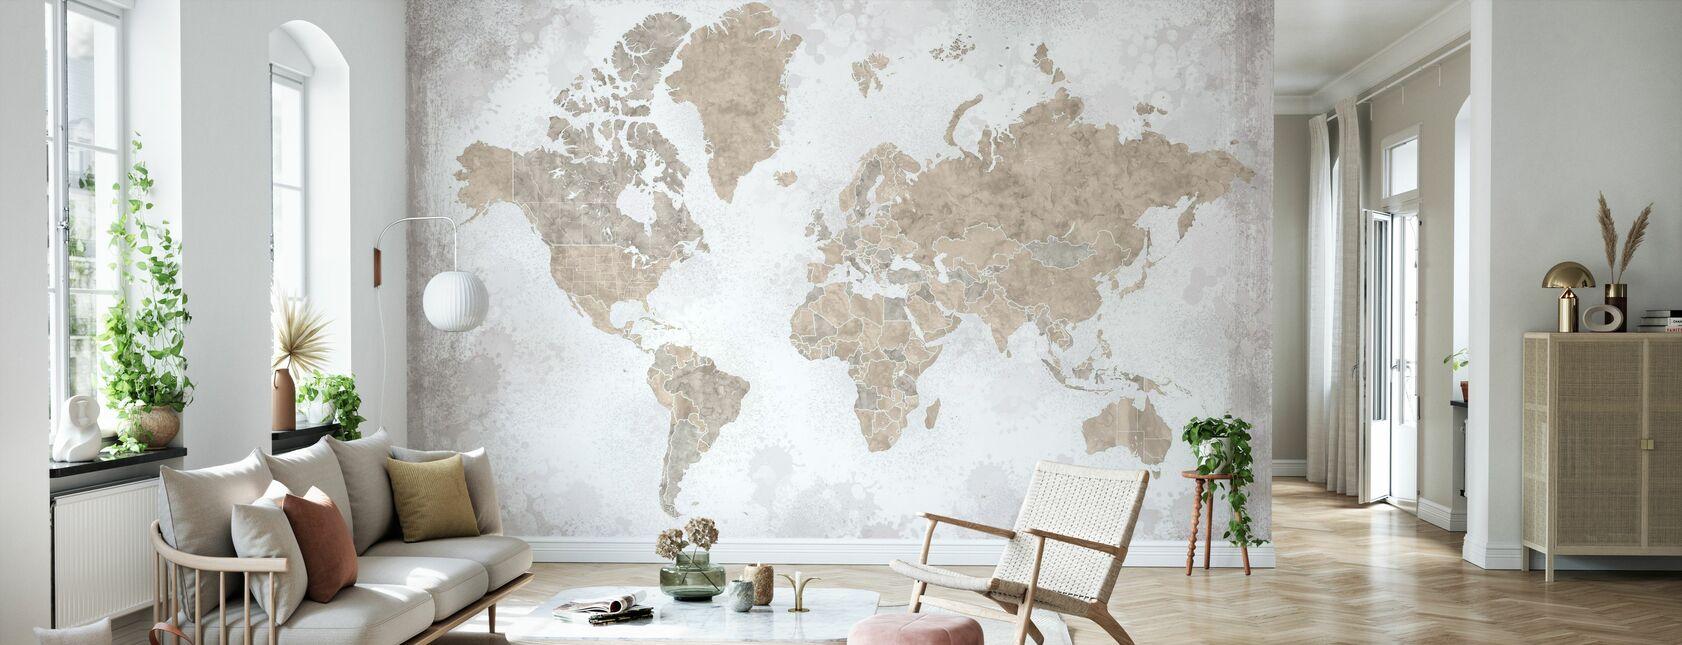 Maailmankartta ilman tekstiä - Tapetti - Olohuone